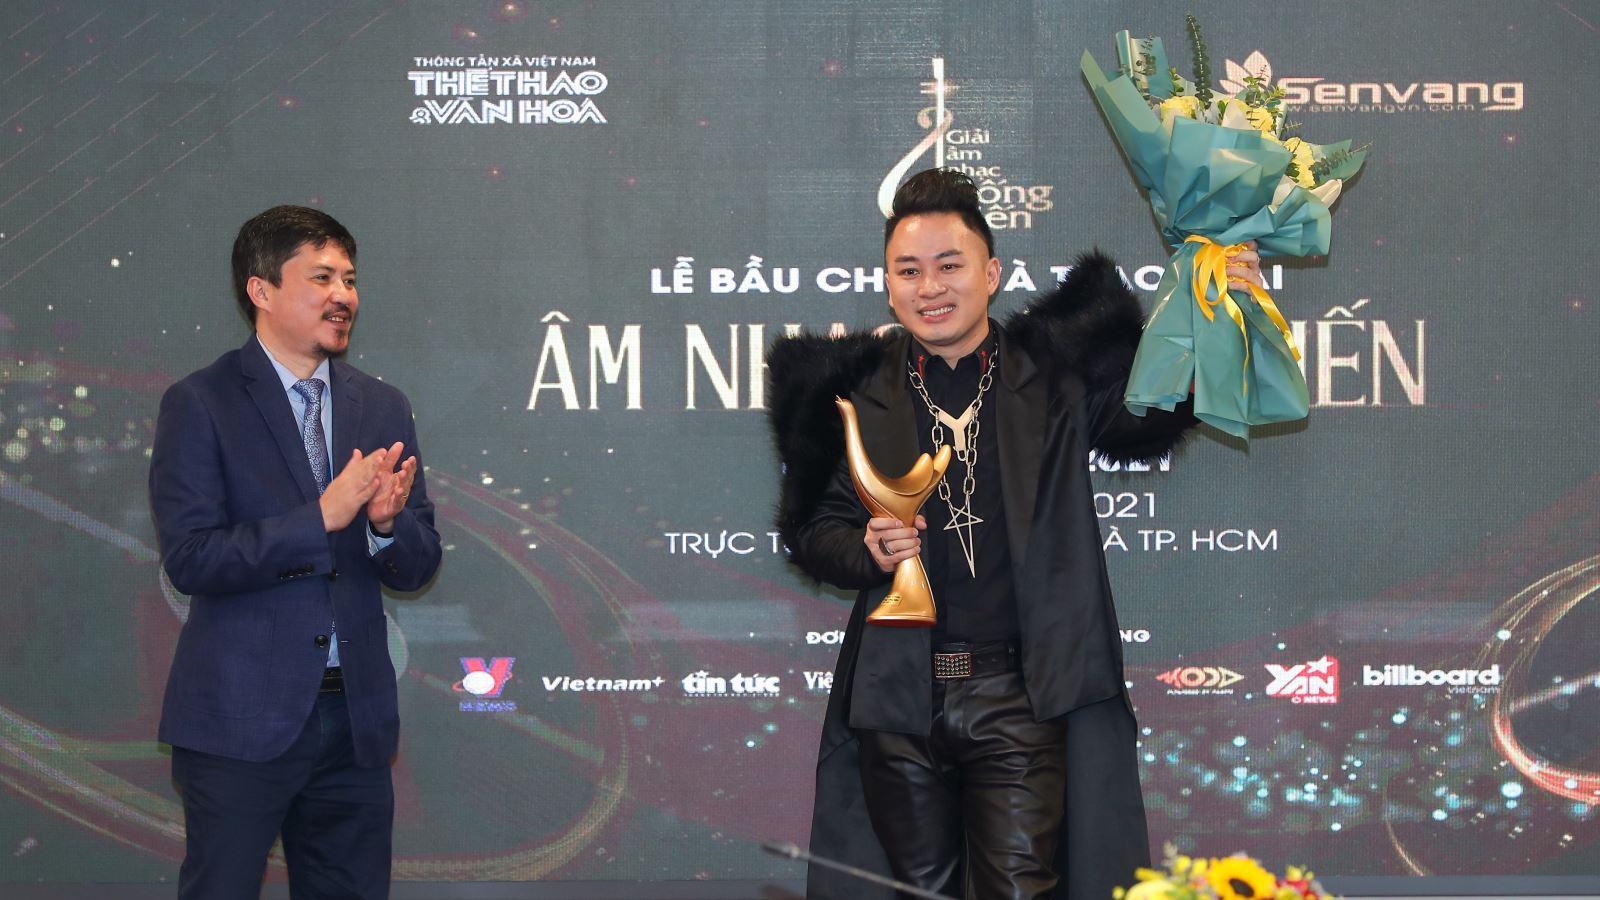 Kết quả giải âm nhạc Cống hiến lần thứ 16: Tùng Dương giành hattrick, lập kỷ lục khủng